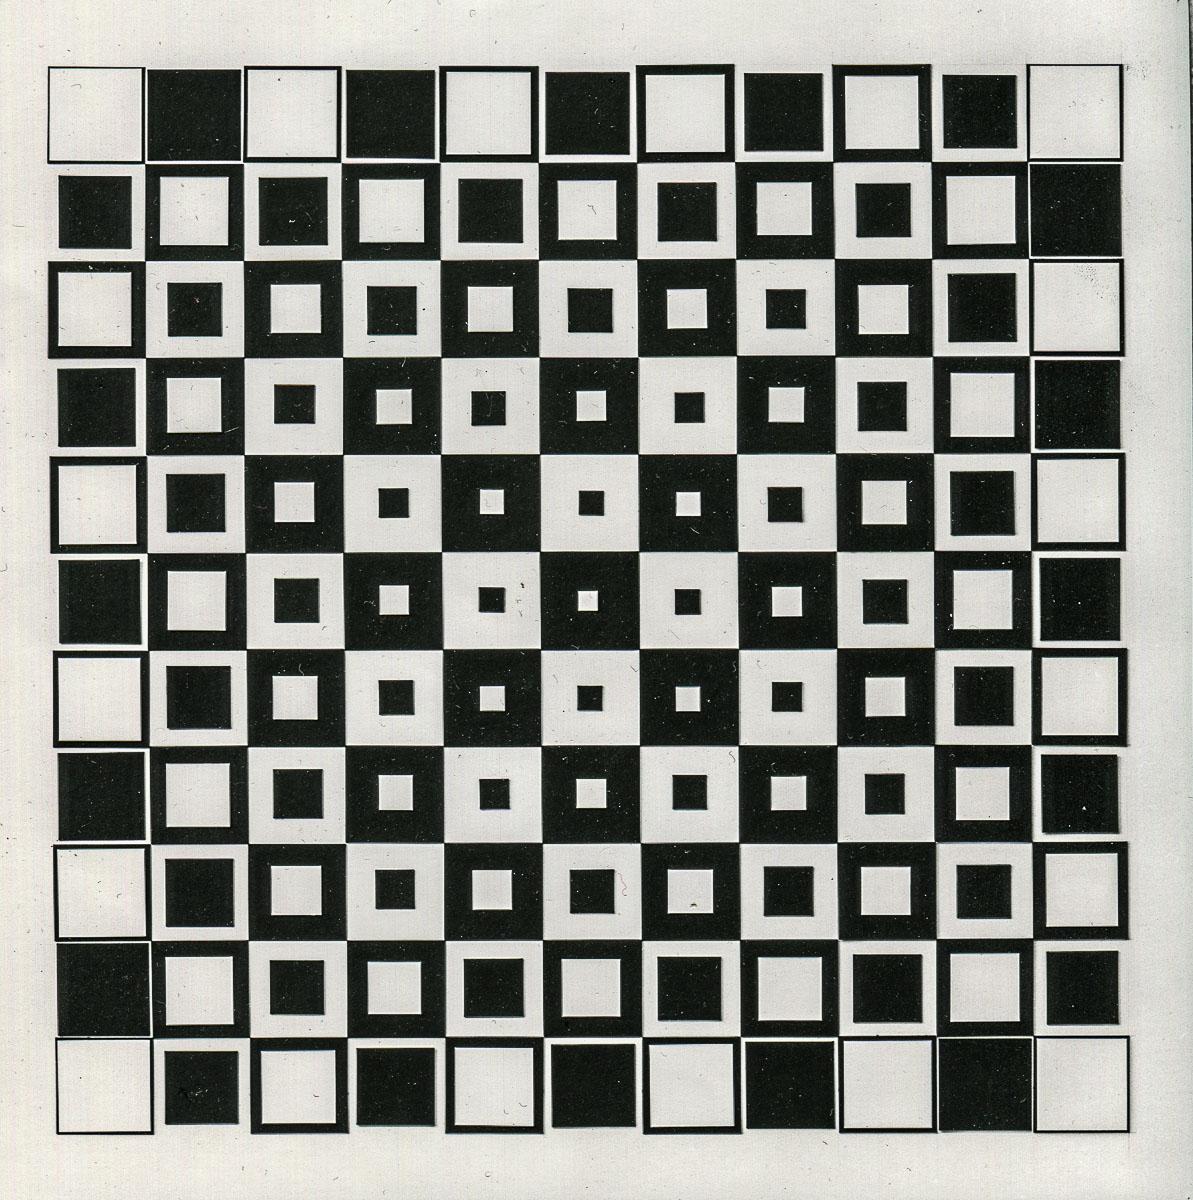 SCHAREIN - Variationen Quadrat im Quadrat, 1968